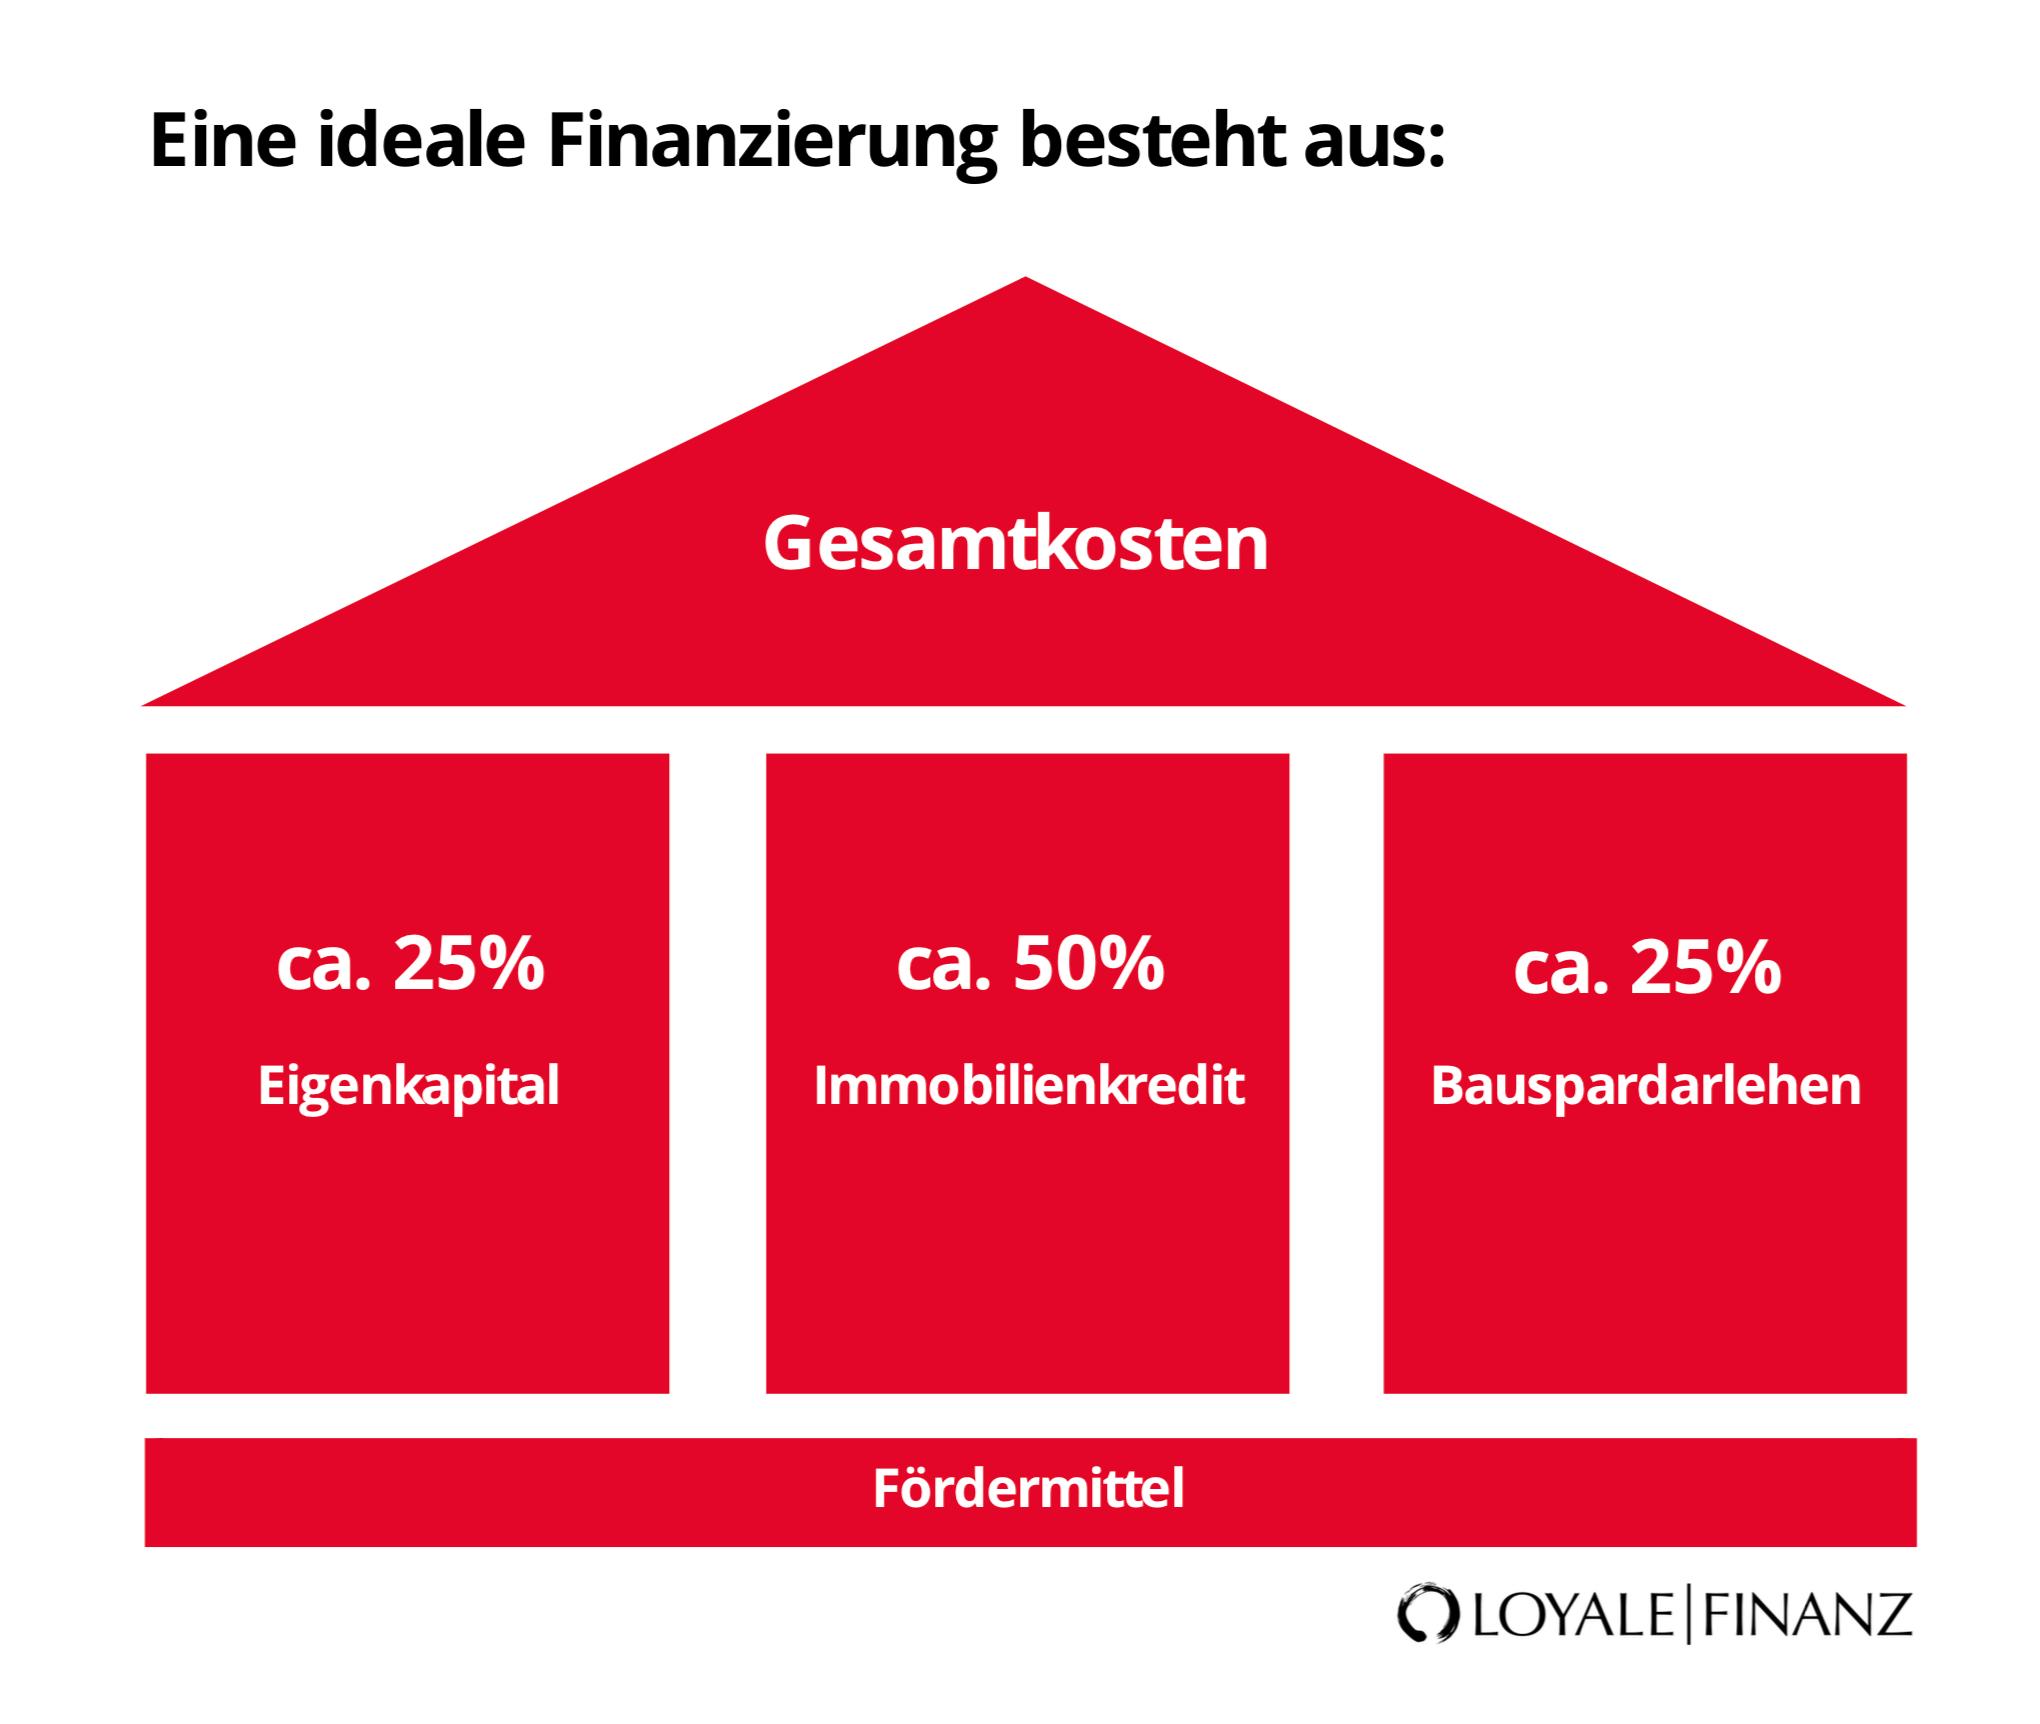 Die perfekte Hausfinanzierung berechnen